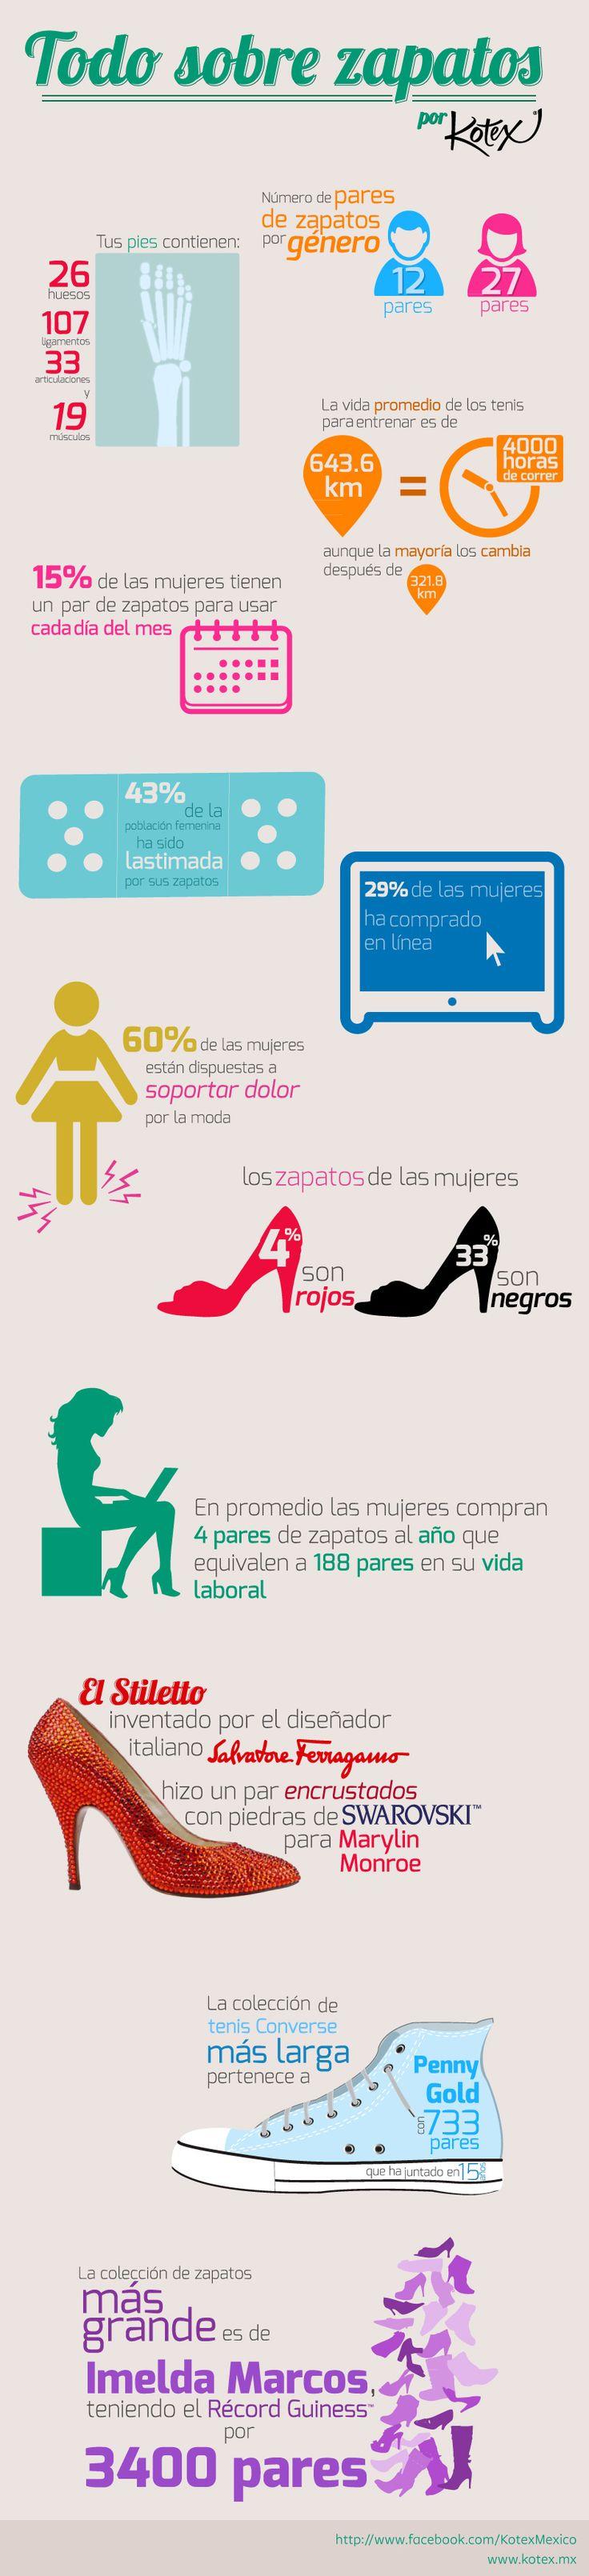 Todo lo que necesitas saber acerca de los zapatos